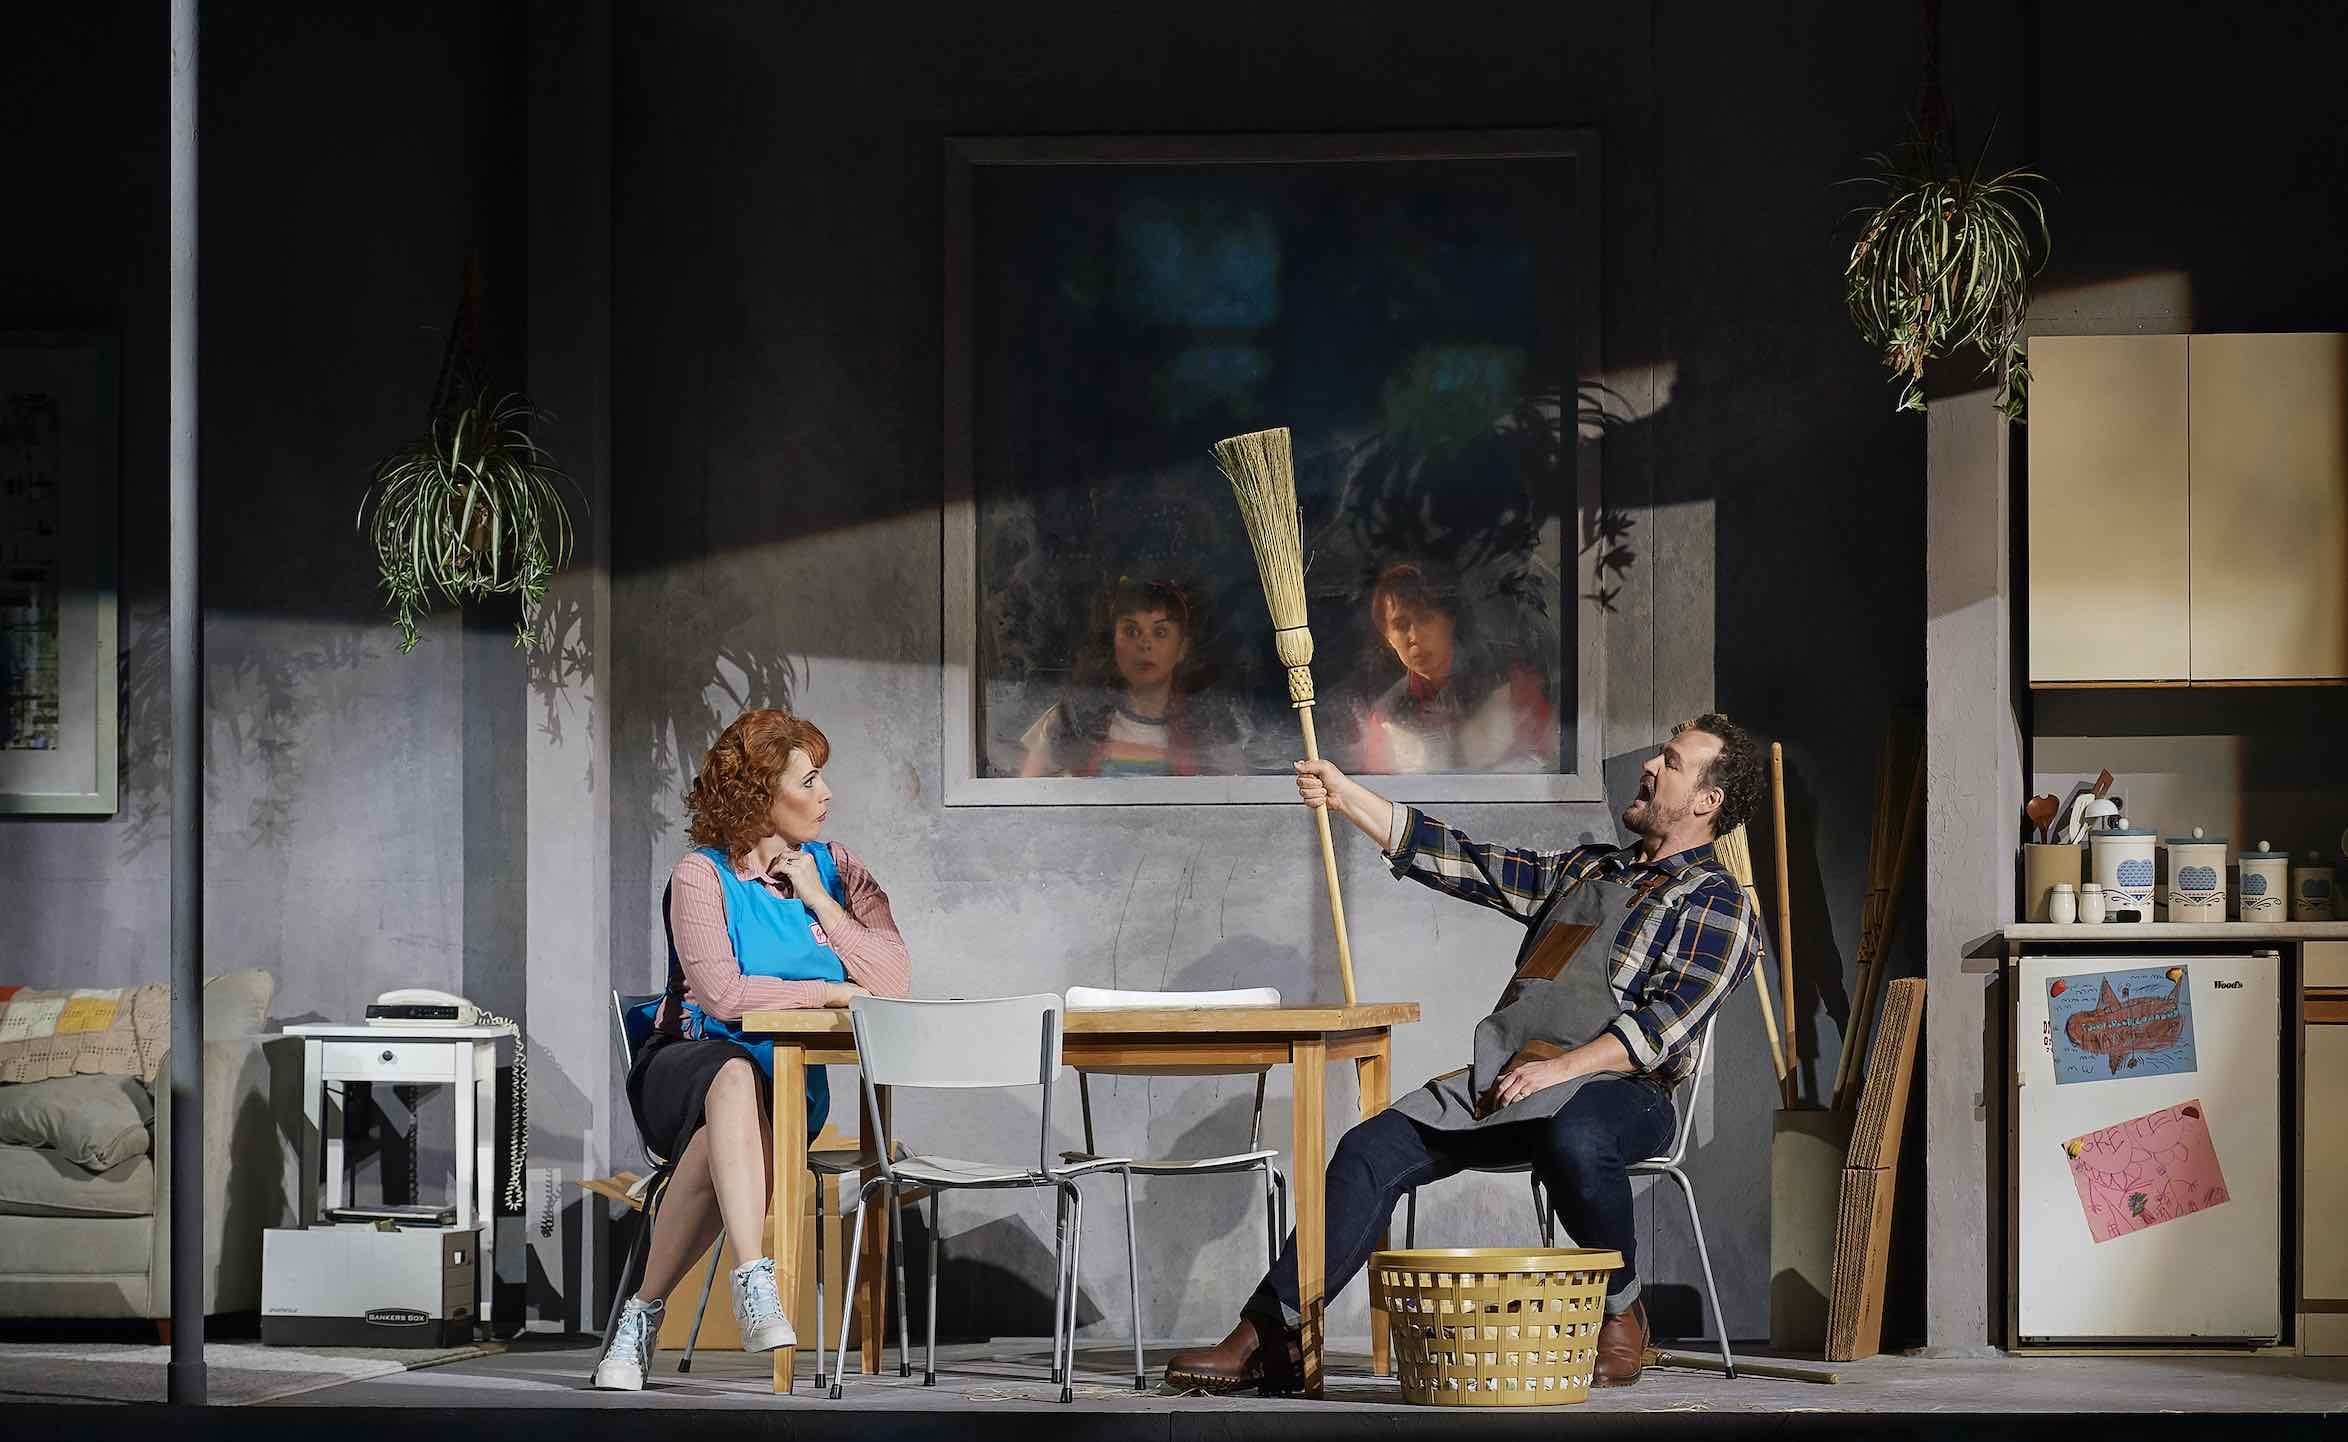 Krisztina Szabó as Gertrude and Russell Braun as Peter